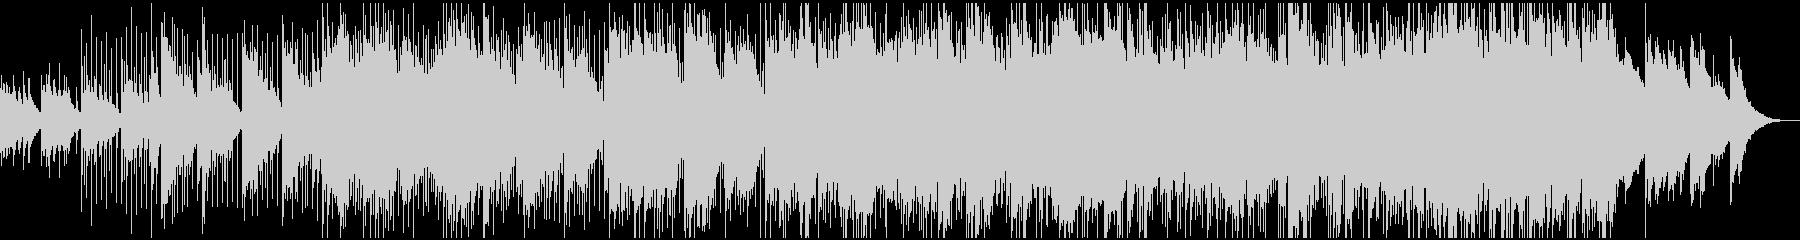 ふんわりとしたアコギのリラックス曲の未再生の波形